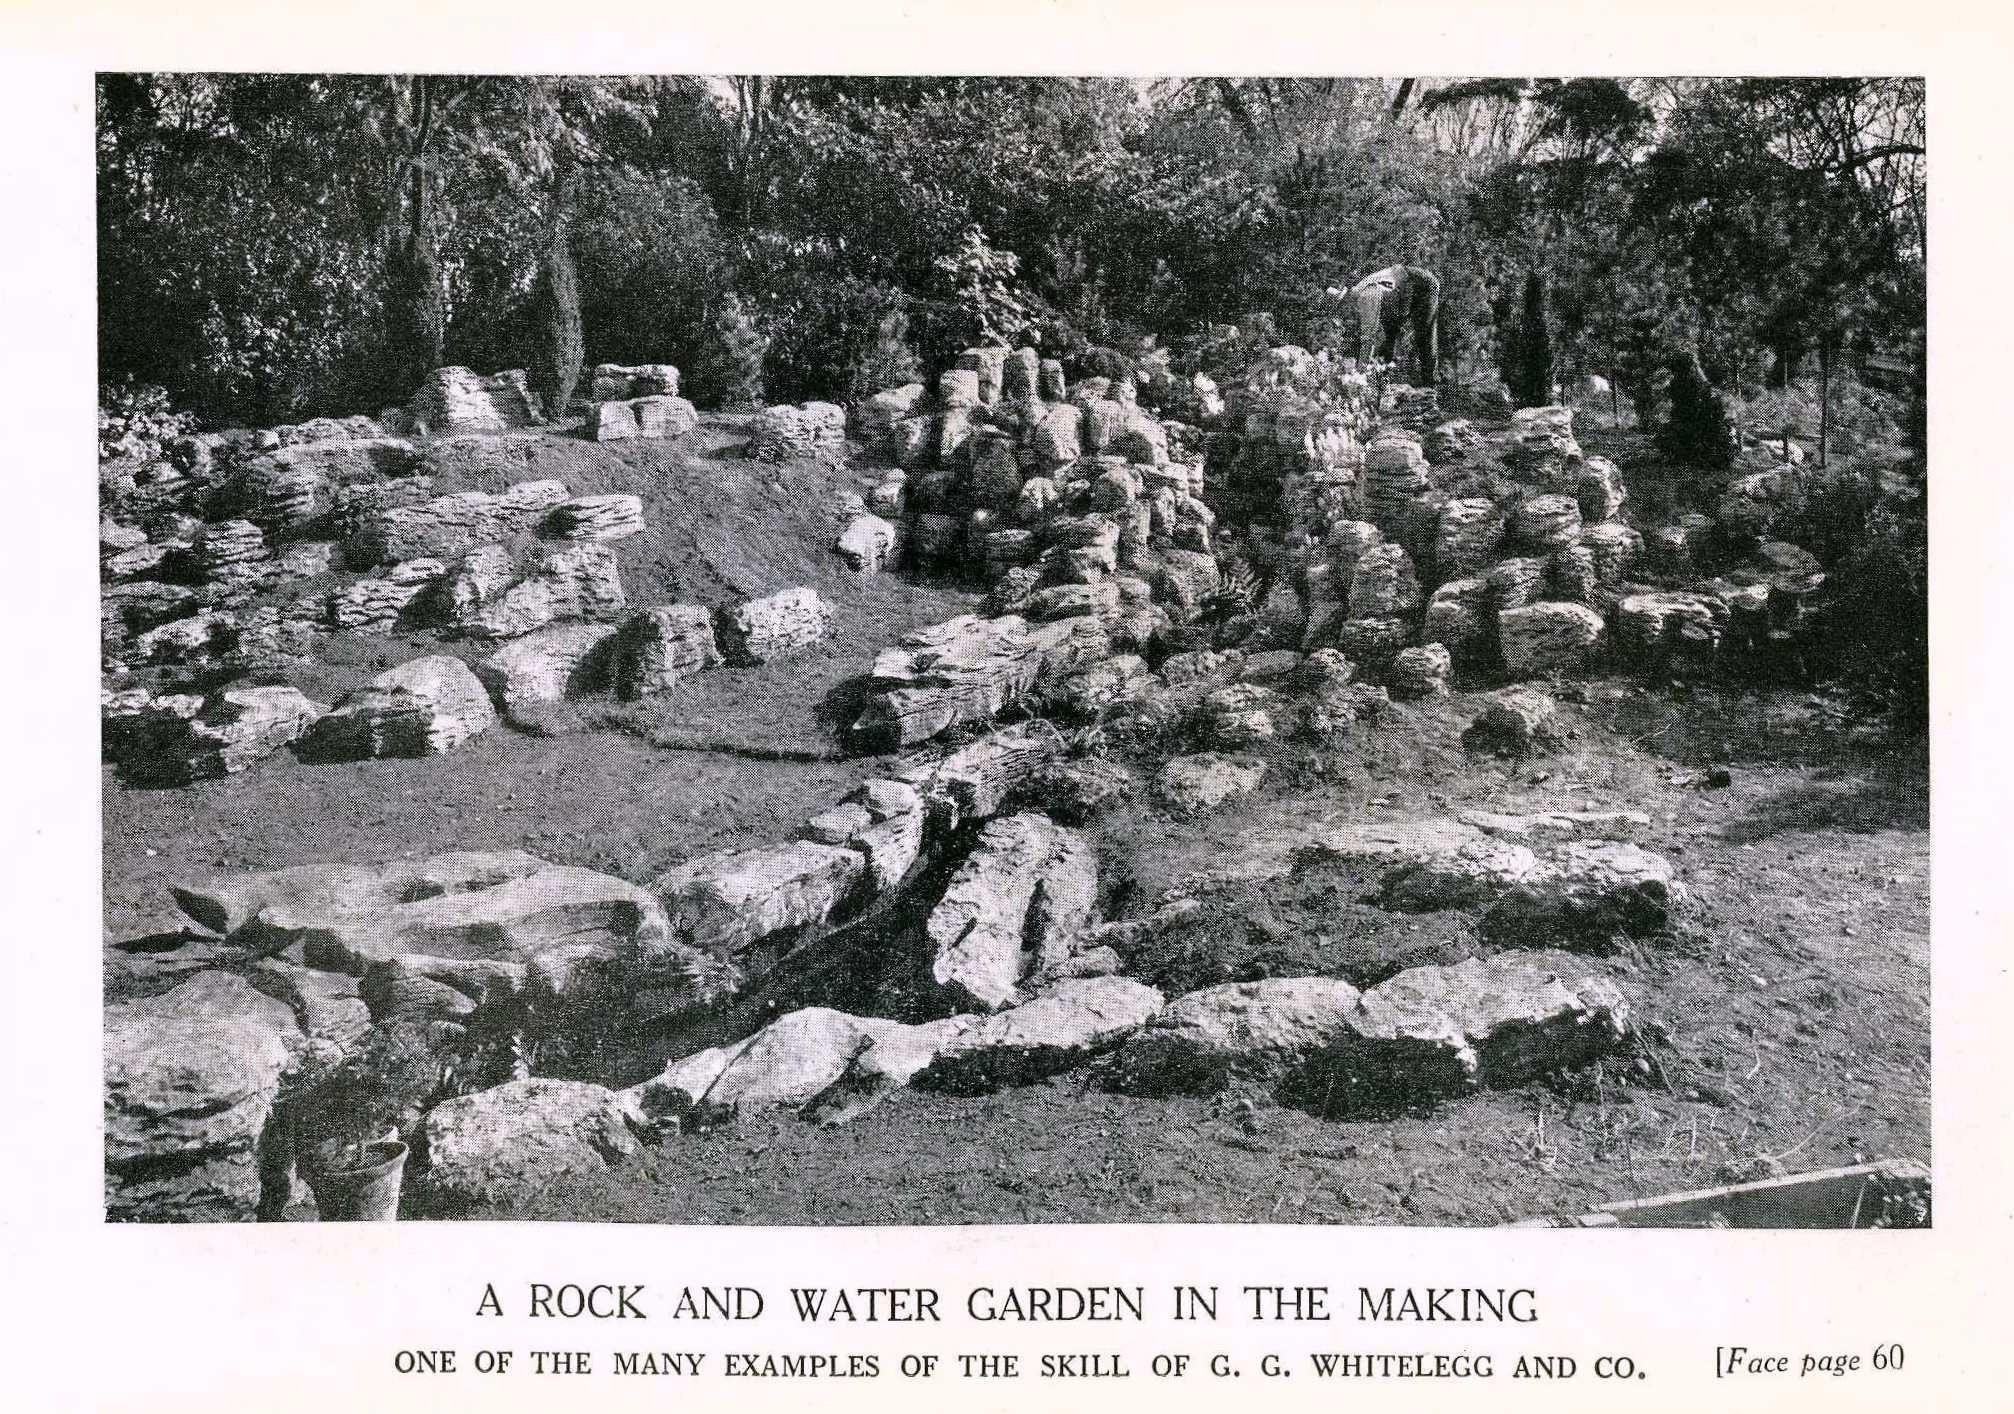 Jardín de rocas y agua Fuente: Henslow, T.; Geoffrey, W. Garden construction. London, 1923.